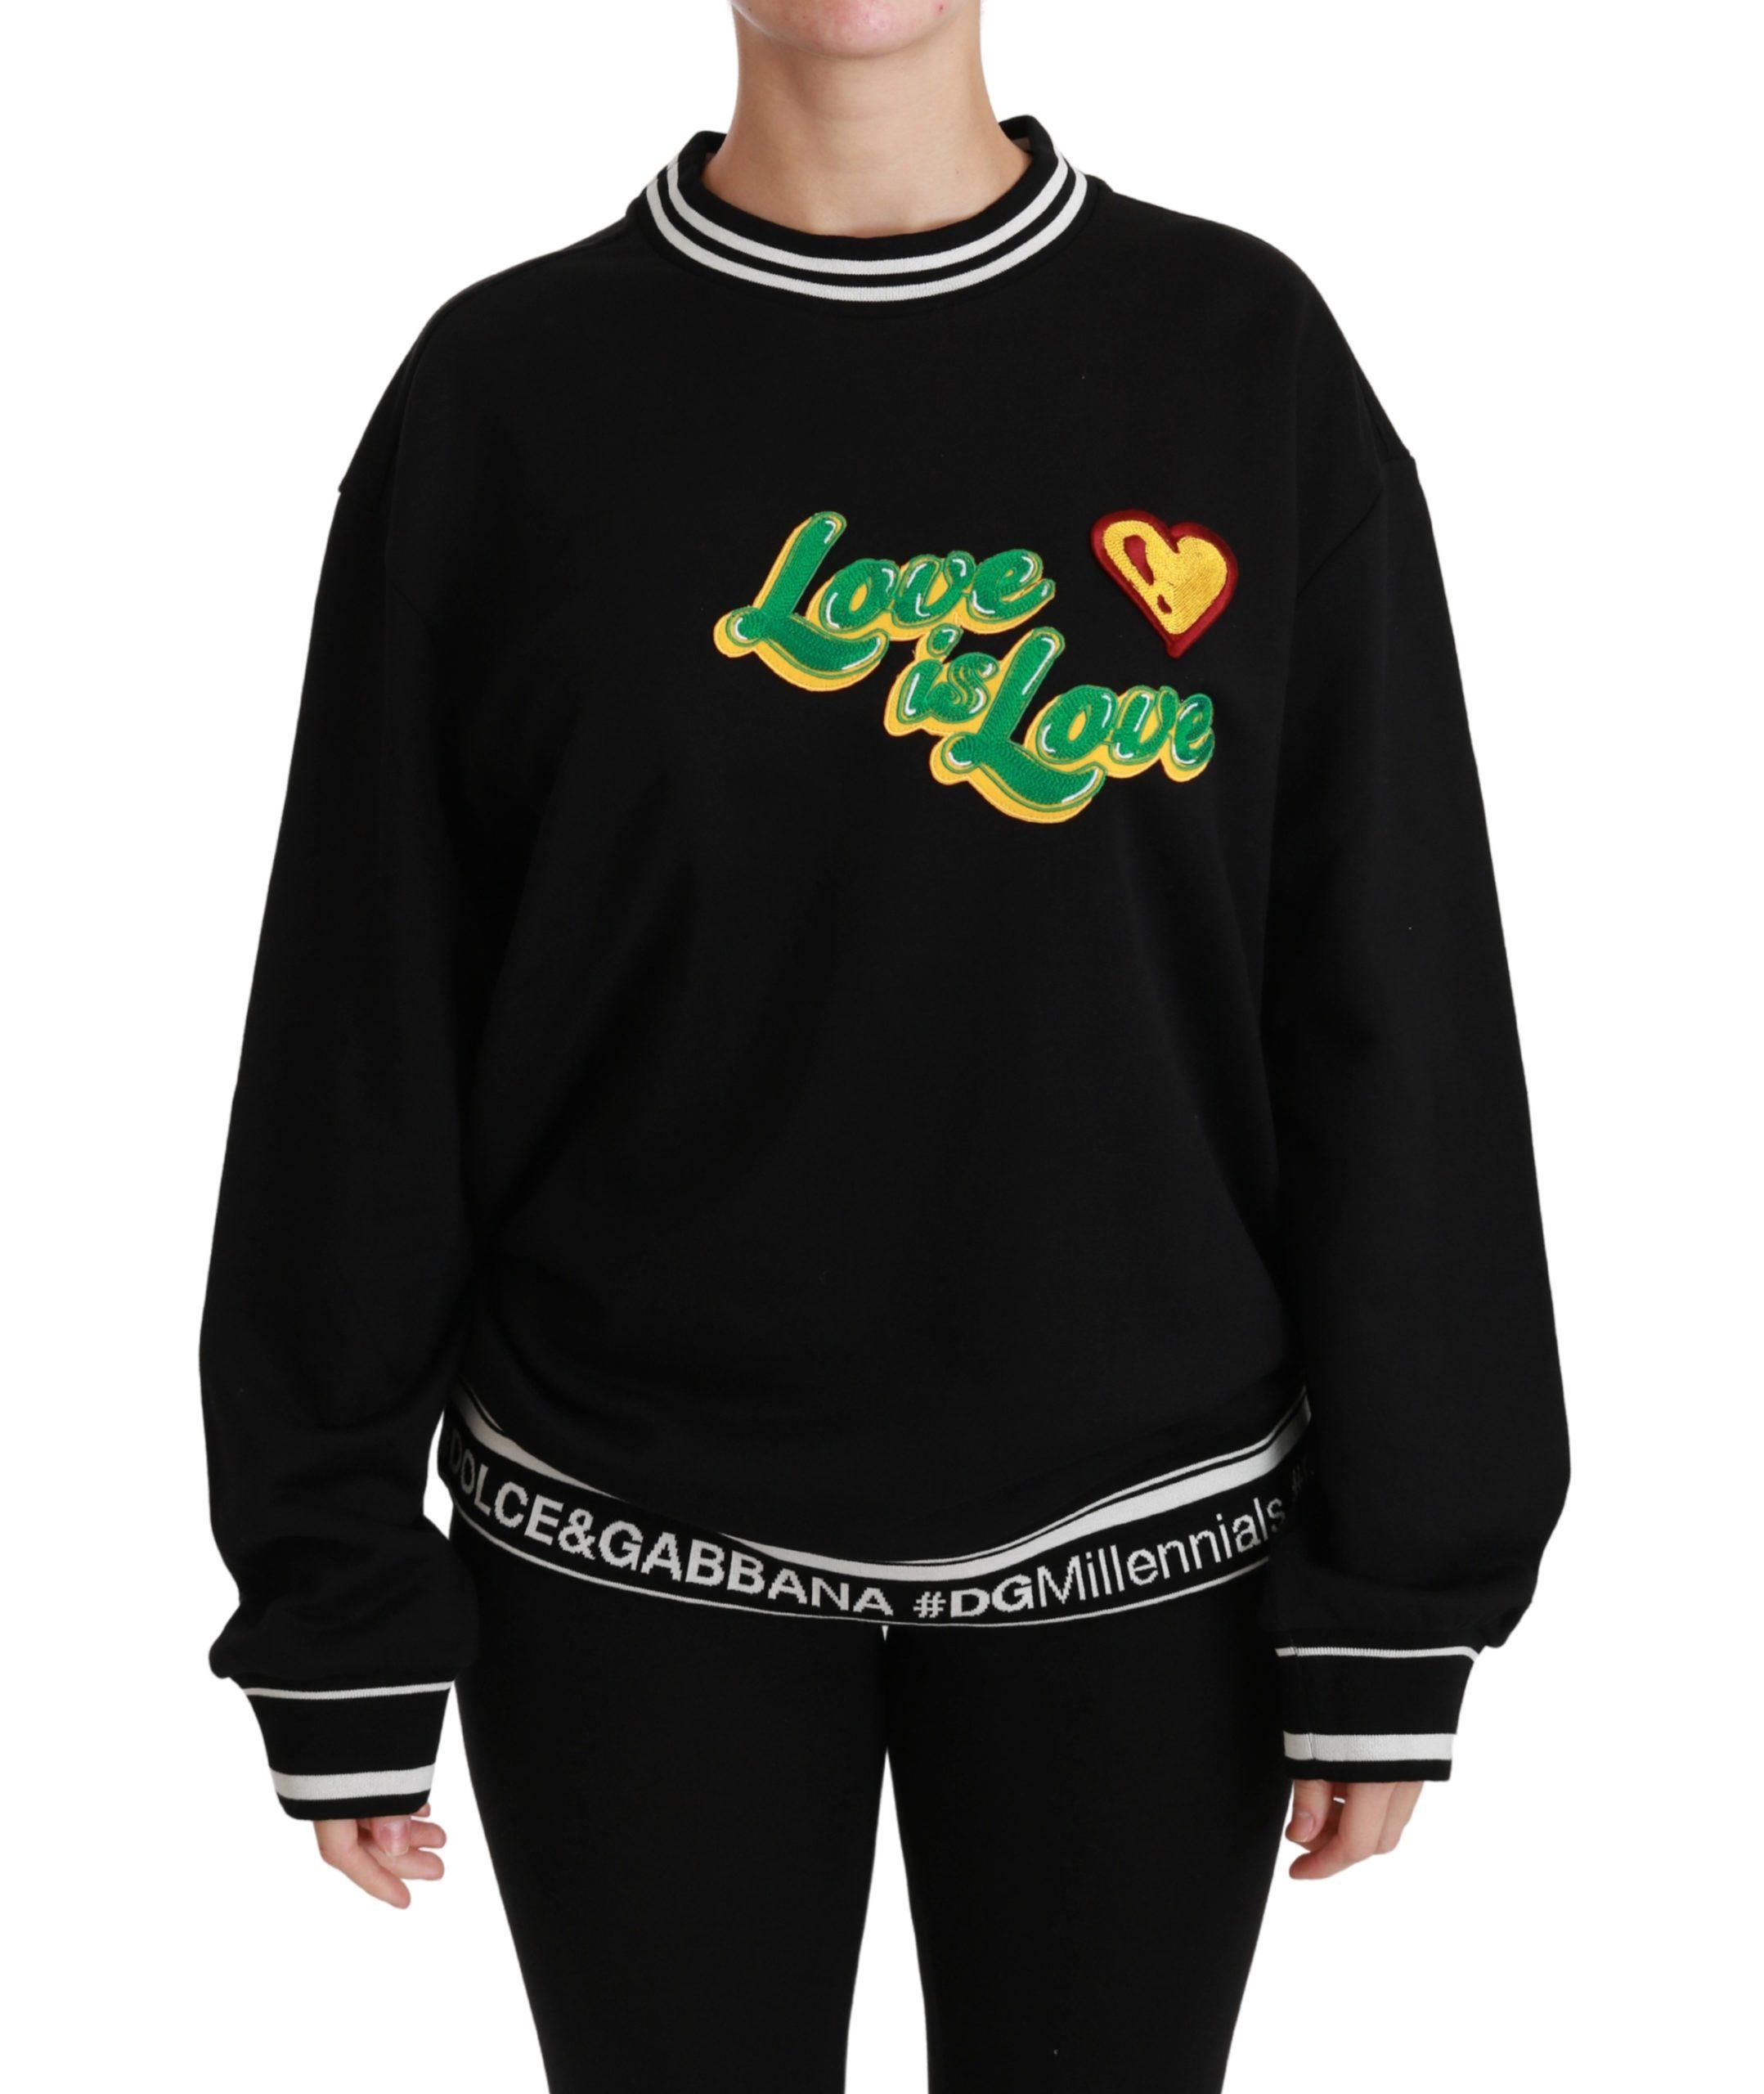 Dolce & Gabbana Women's Love is Love Pullover Top Sweater Black TSH5153 - IT38 XS